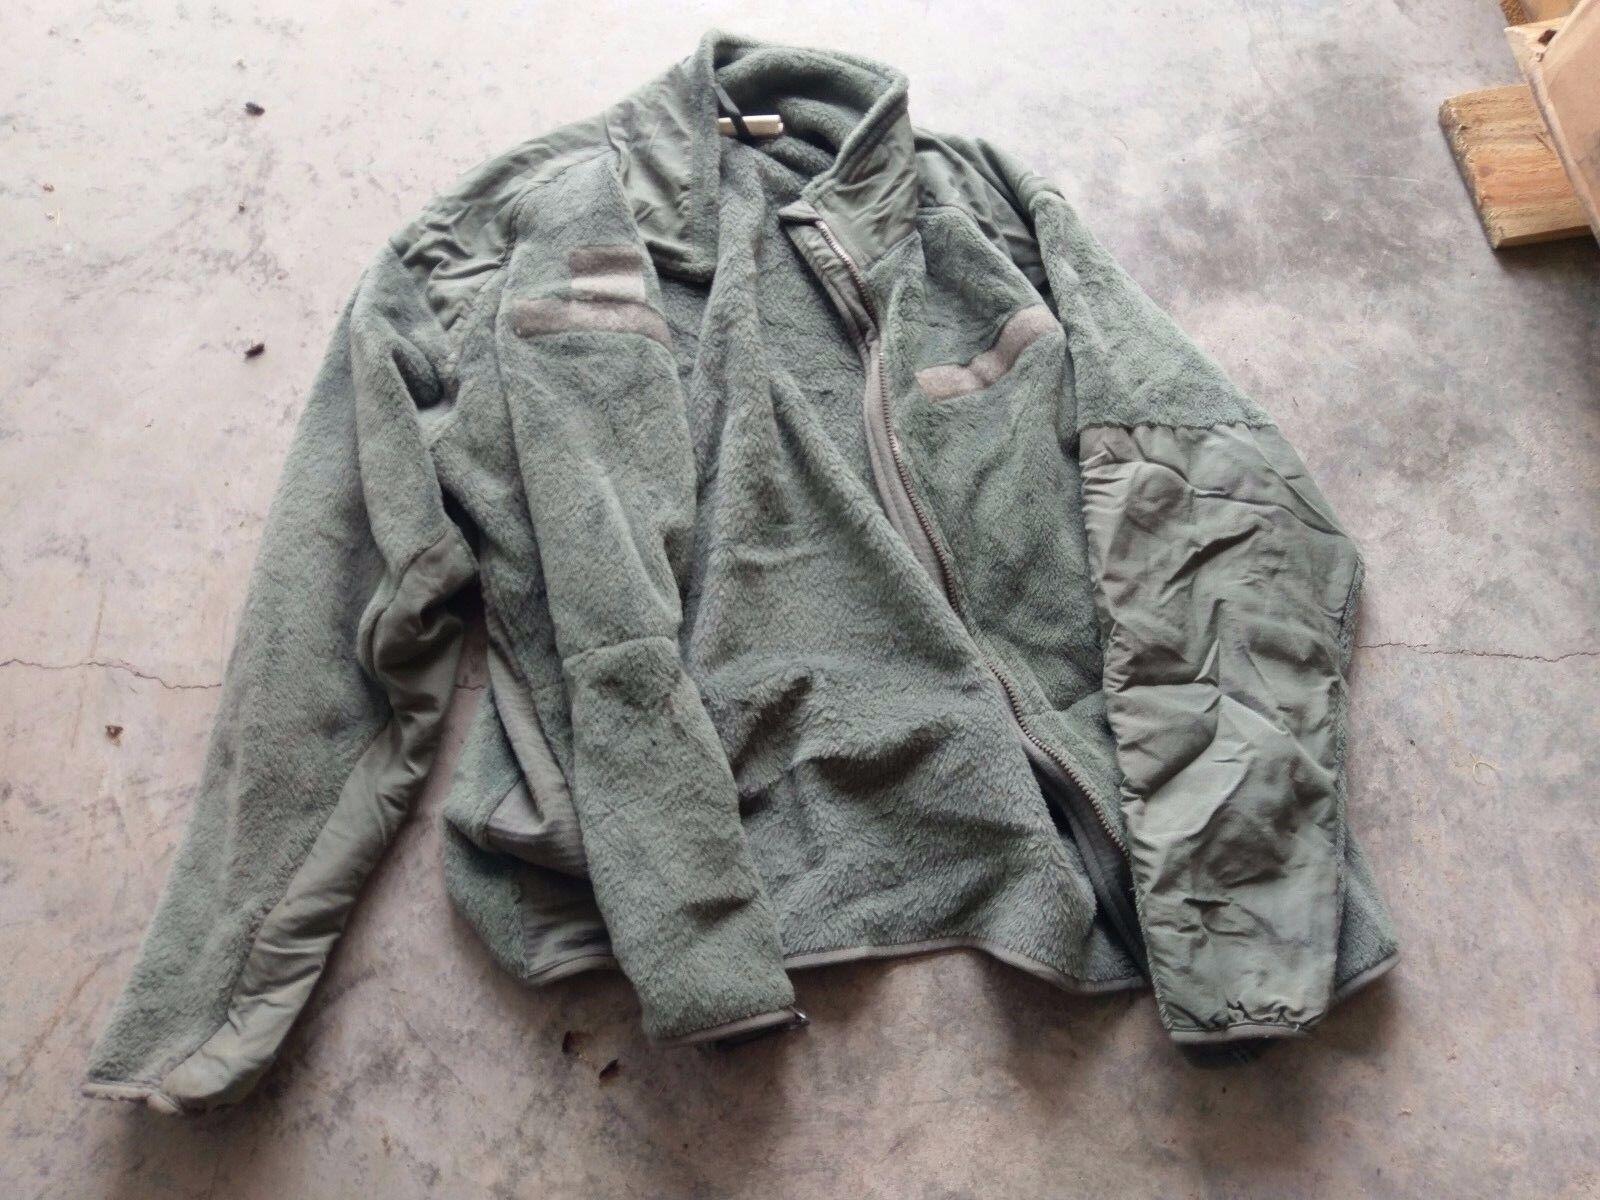 US Army Jacke ECWCS GEN III Polartec Fleece Jacke Cold Weather Large Regular